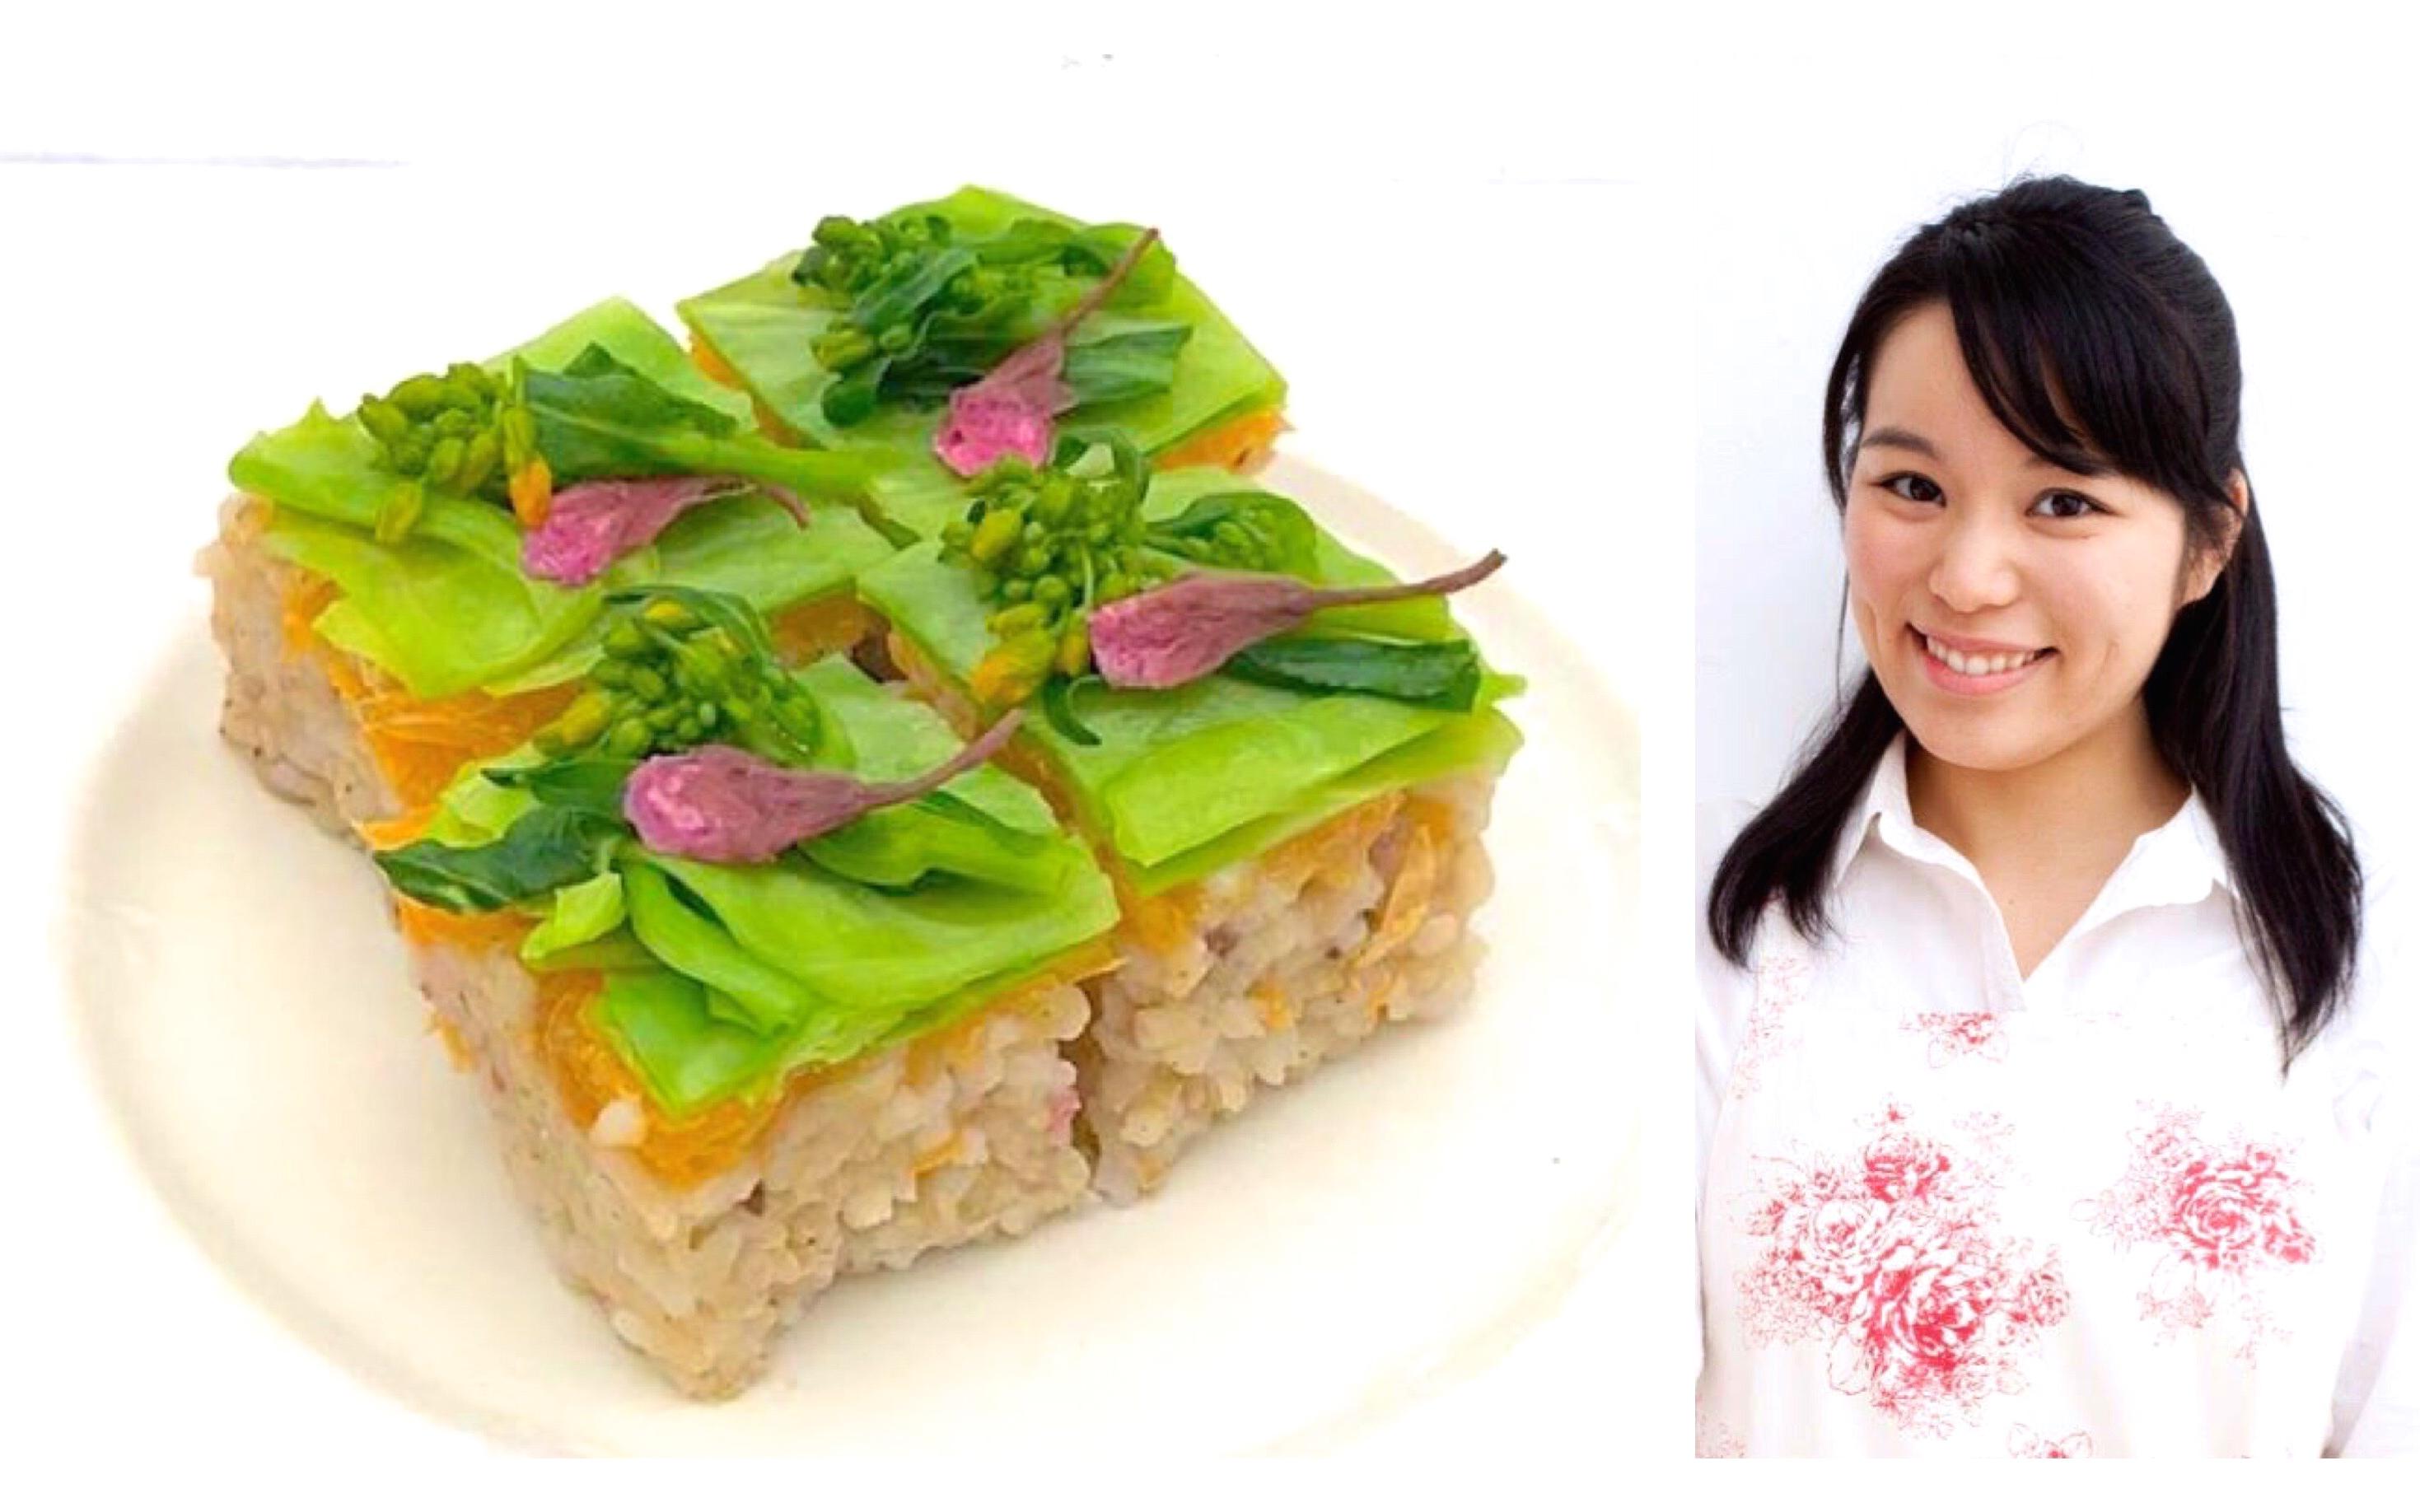 【レシピ提供】キャベツの美肌レシピ、4品を考案しました(ヴィーガン、マクロビ)